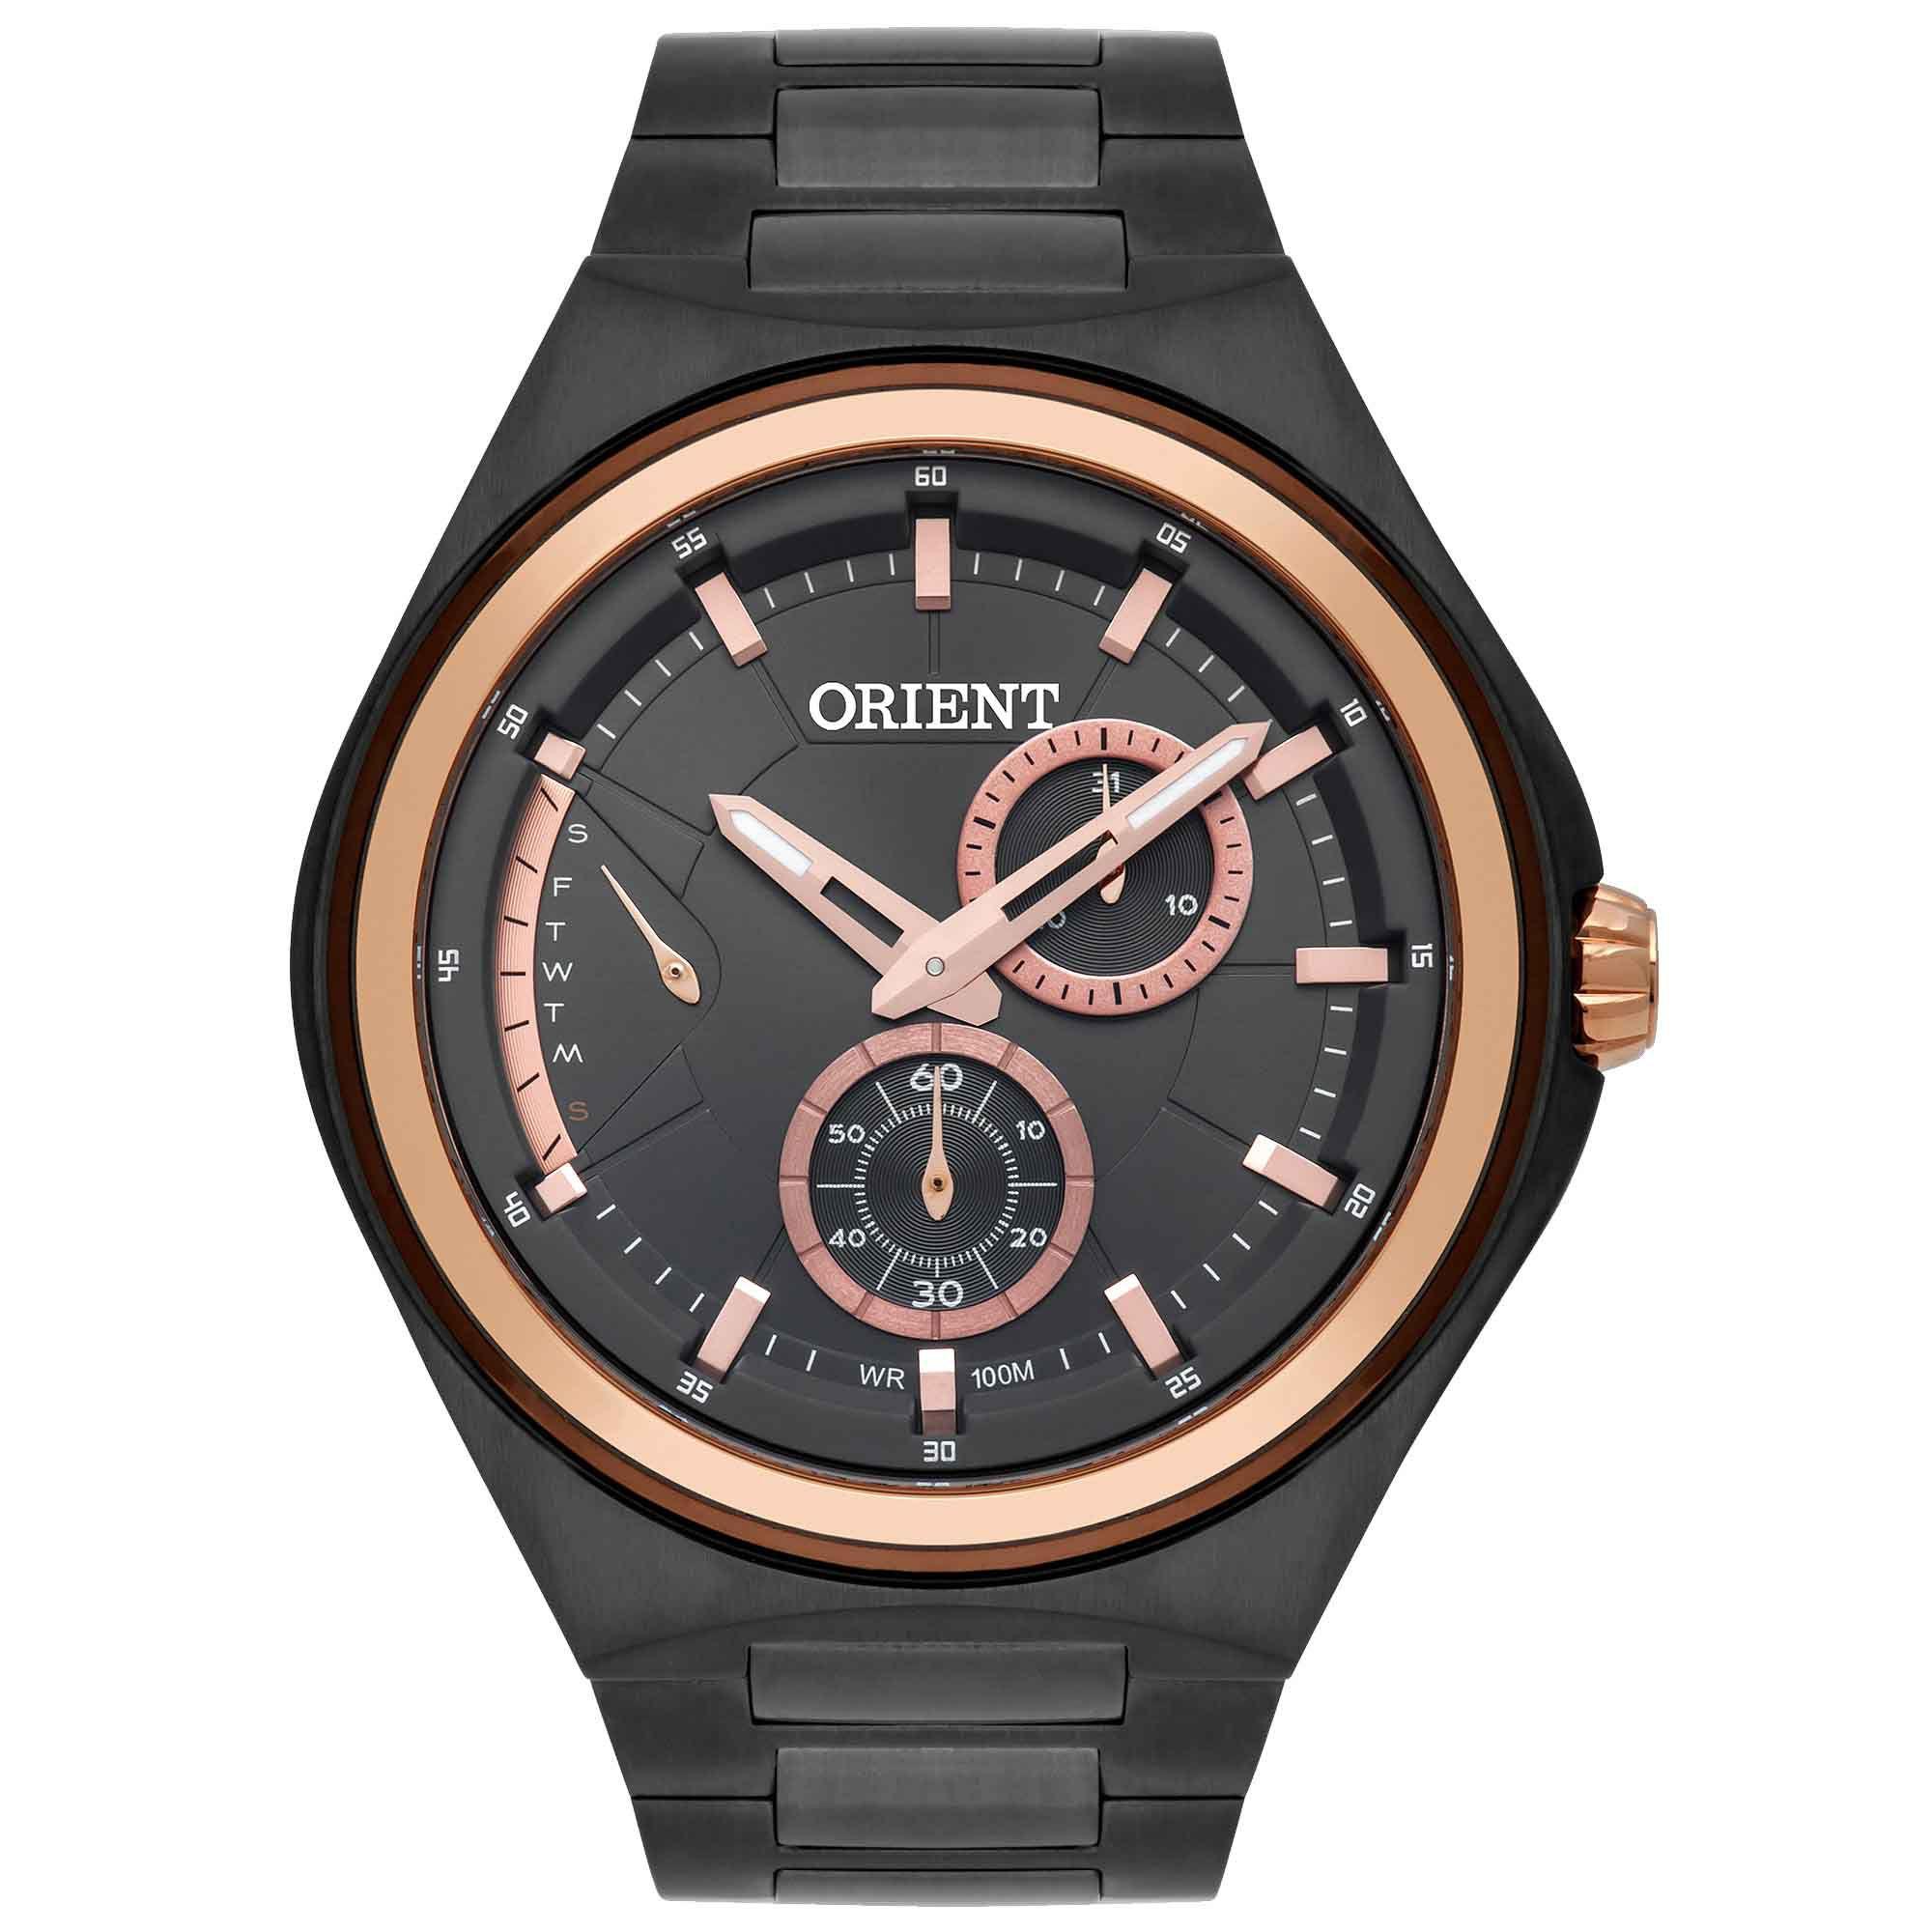 Relógio Masculino Orient MTSSM009 G1GX